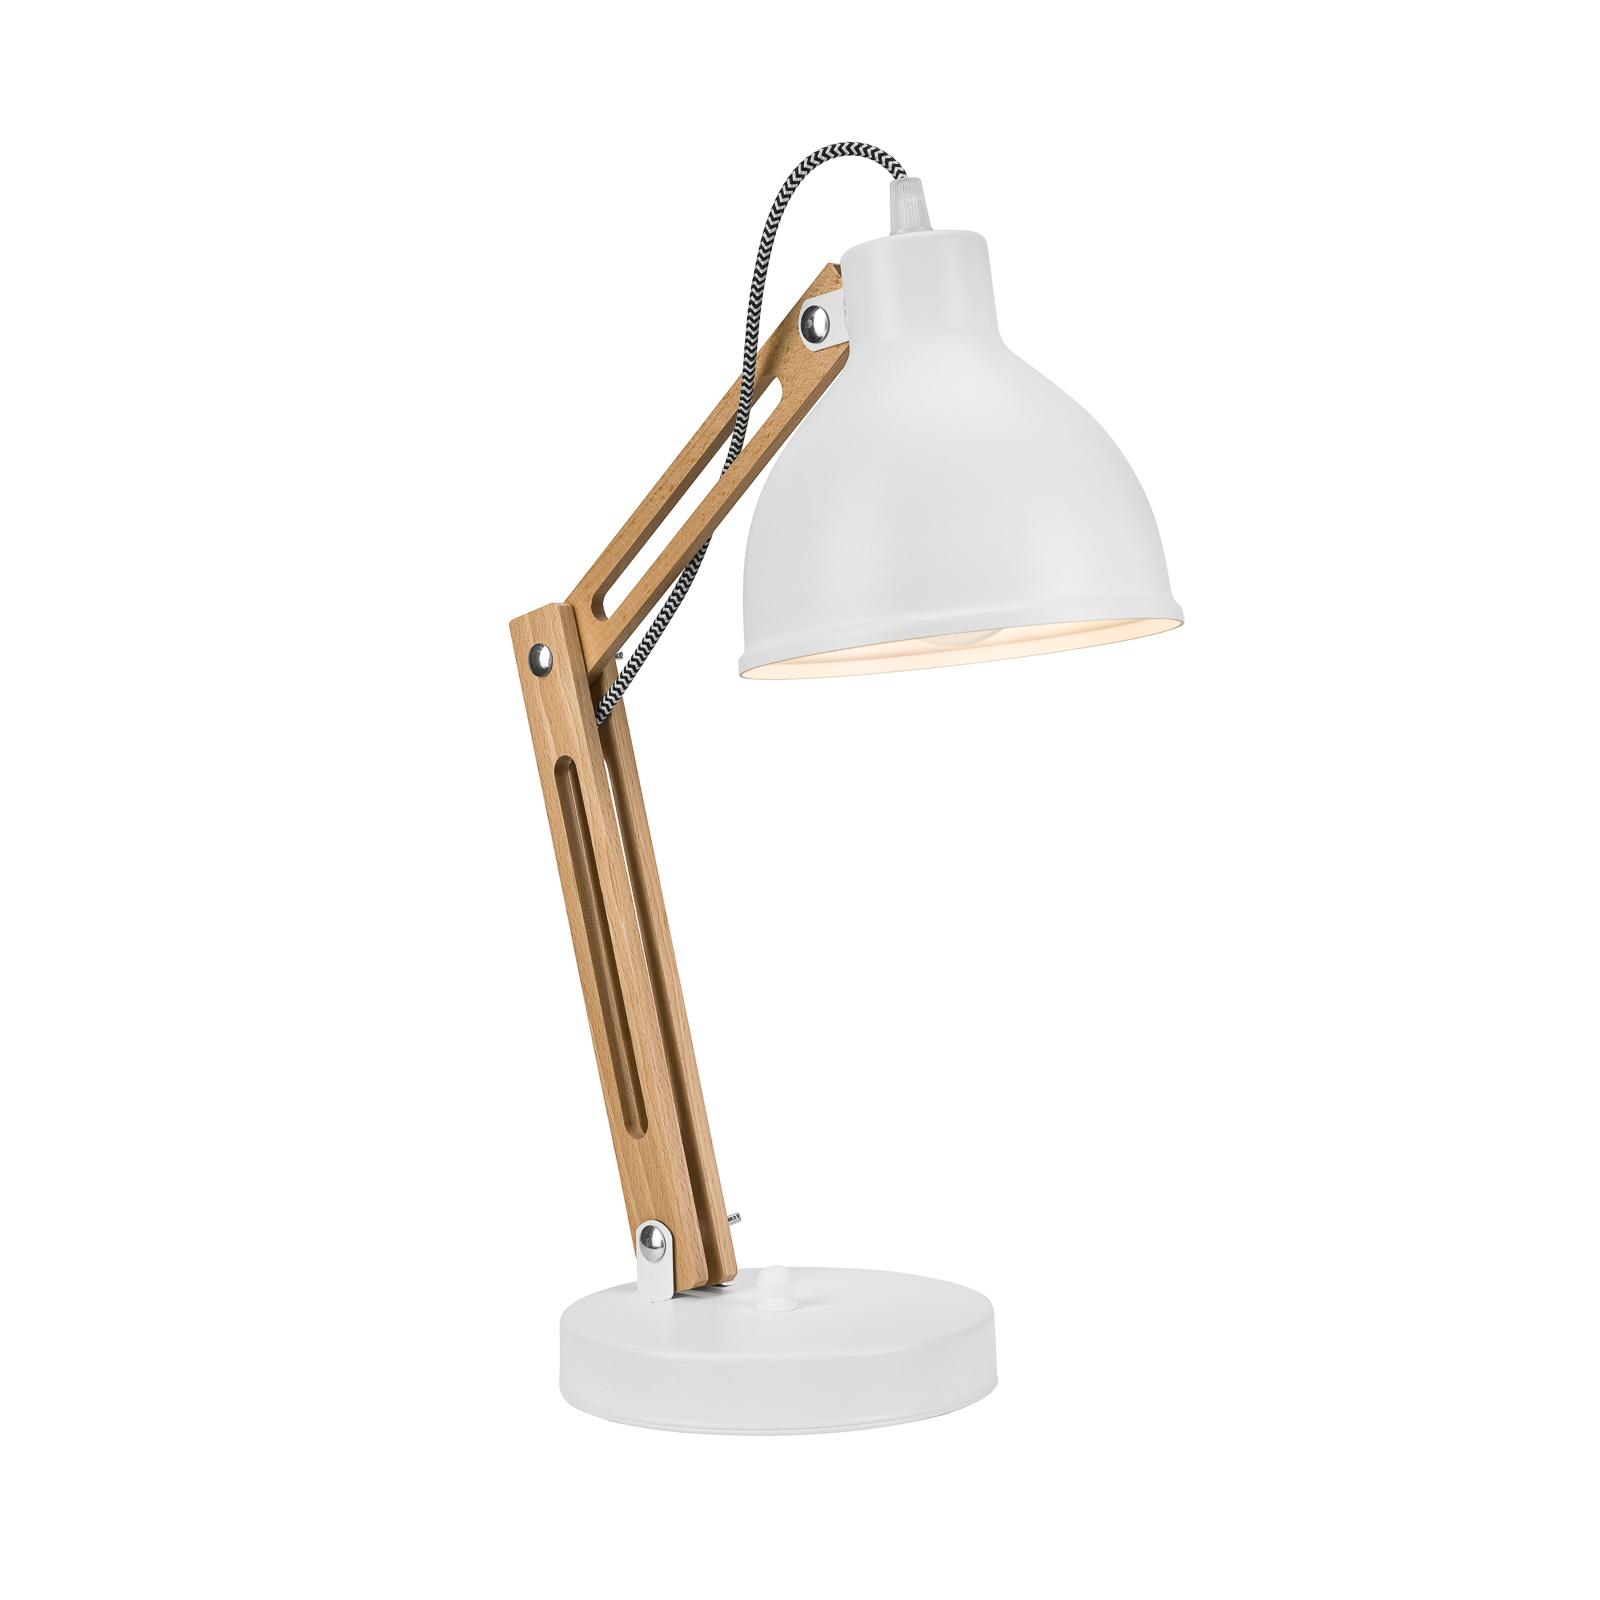 Lampe à poser Skansen réglable, blanche